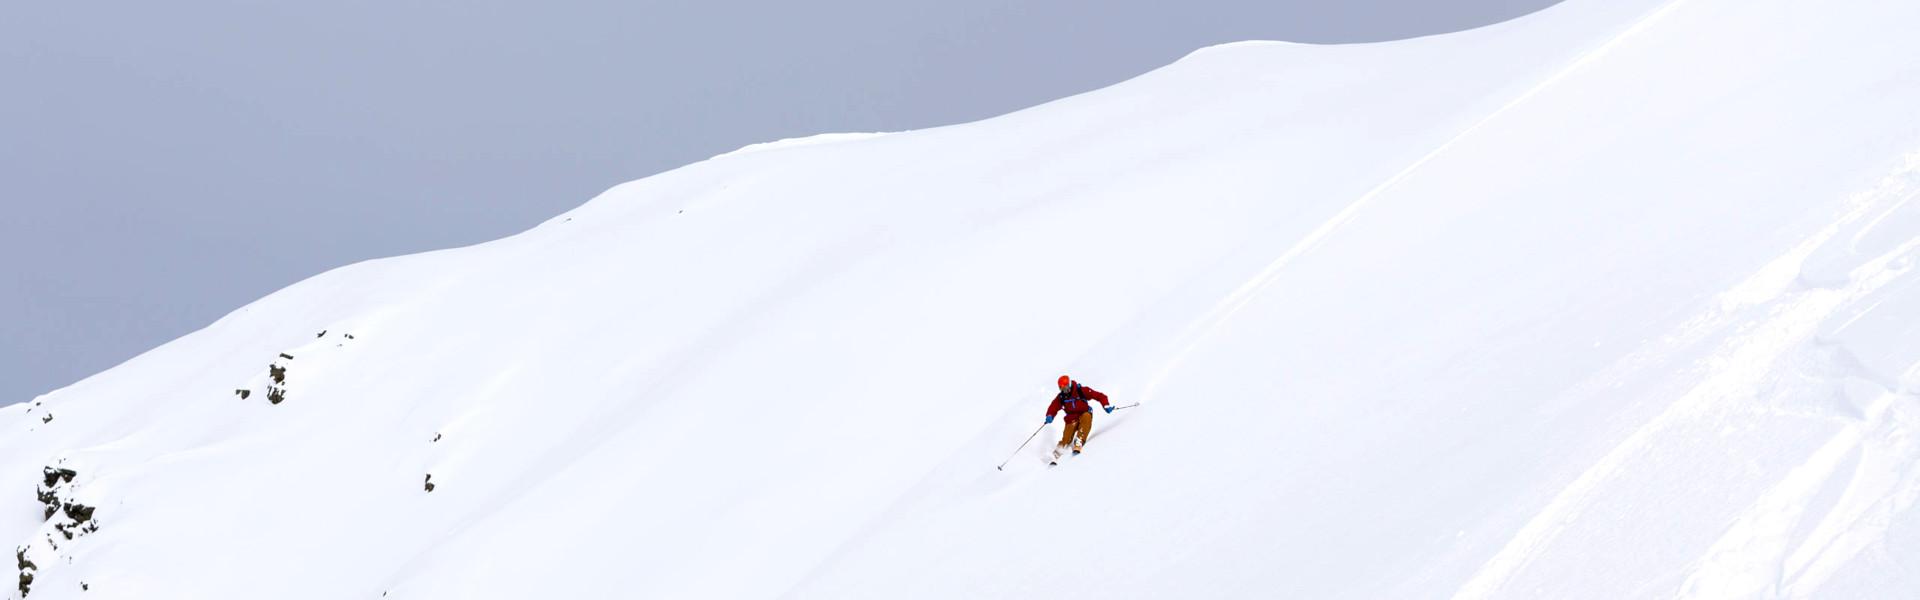 Freizeit - Winter - Freeriden - Headerbild